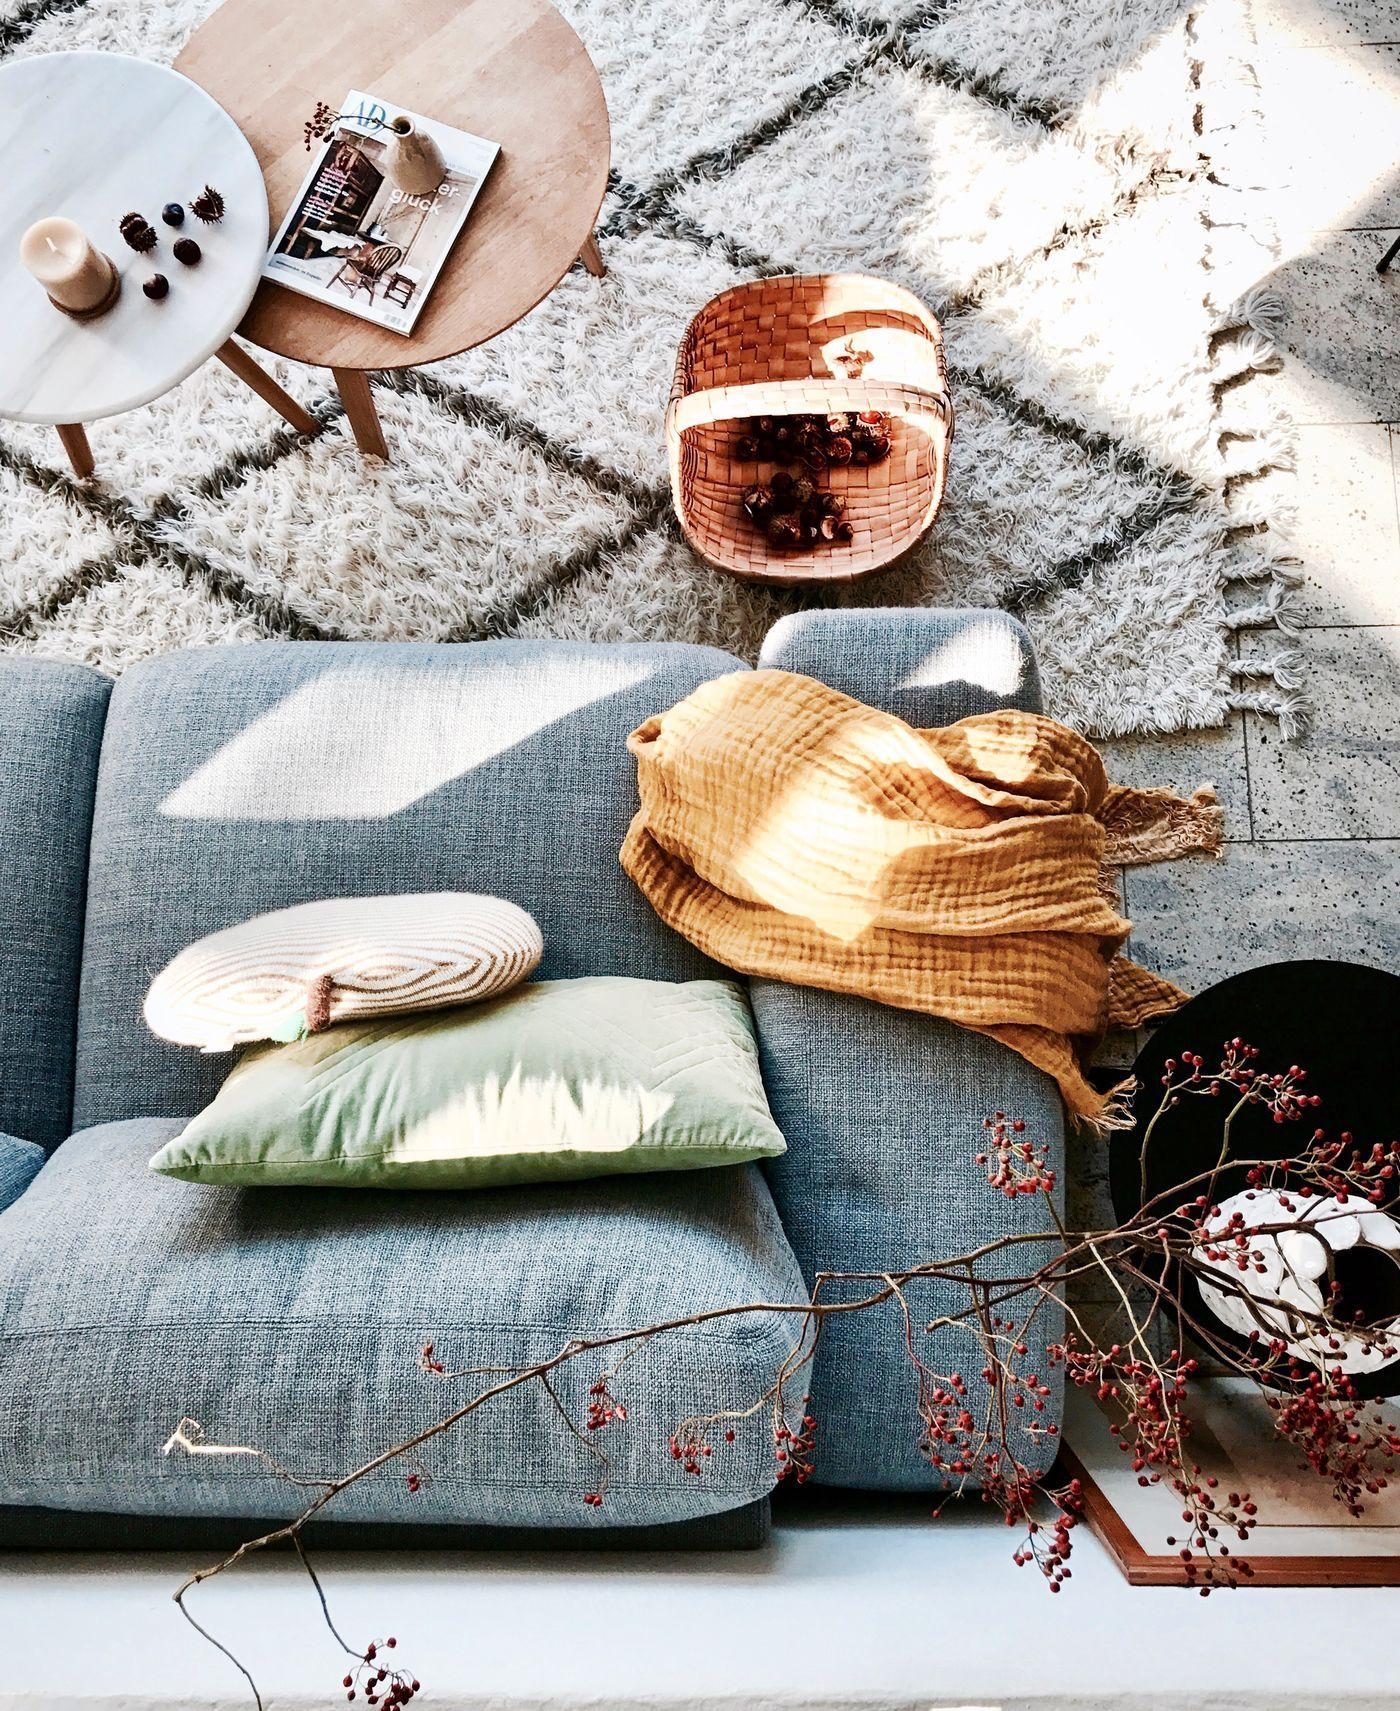 Wohnen und einrichten im vintage stil seite 16 for Wohnen einrichten